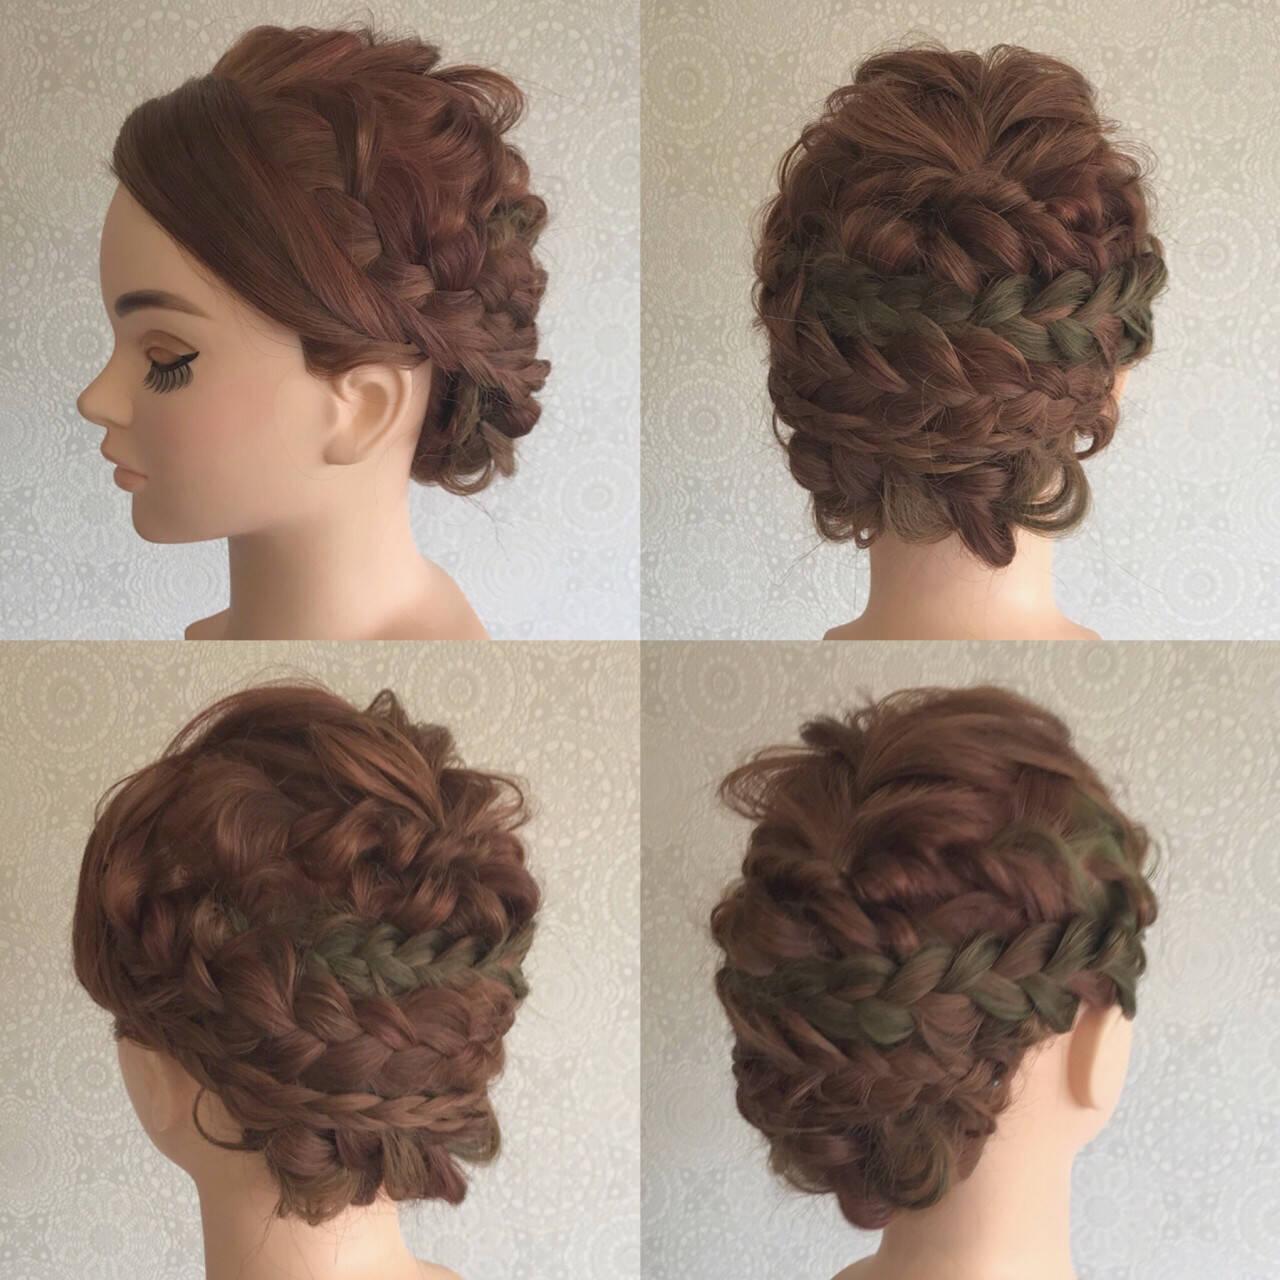 セミロング 結婚式 フェミニン 波ウェーブヘアスタイルや髪型の写真・画像